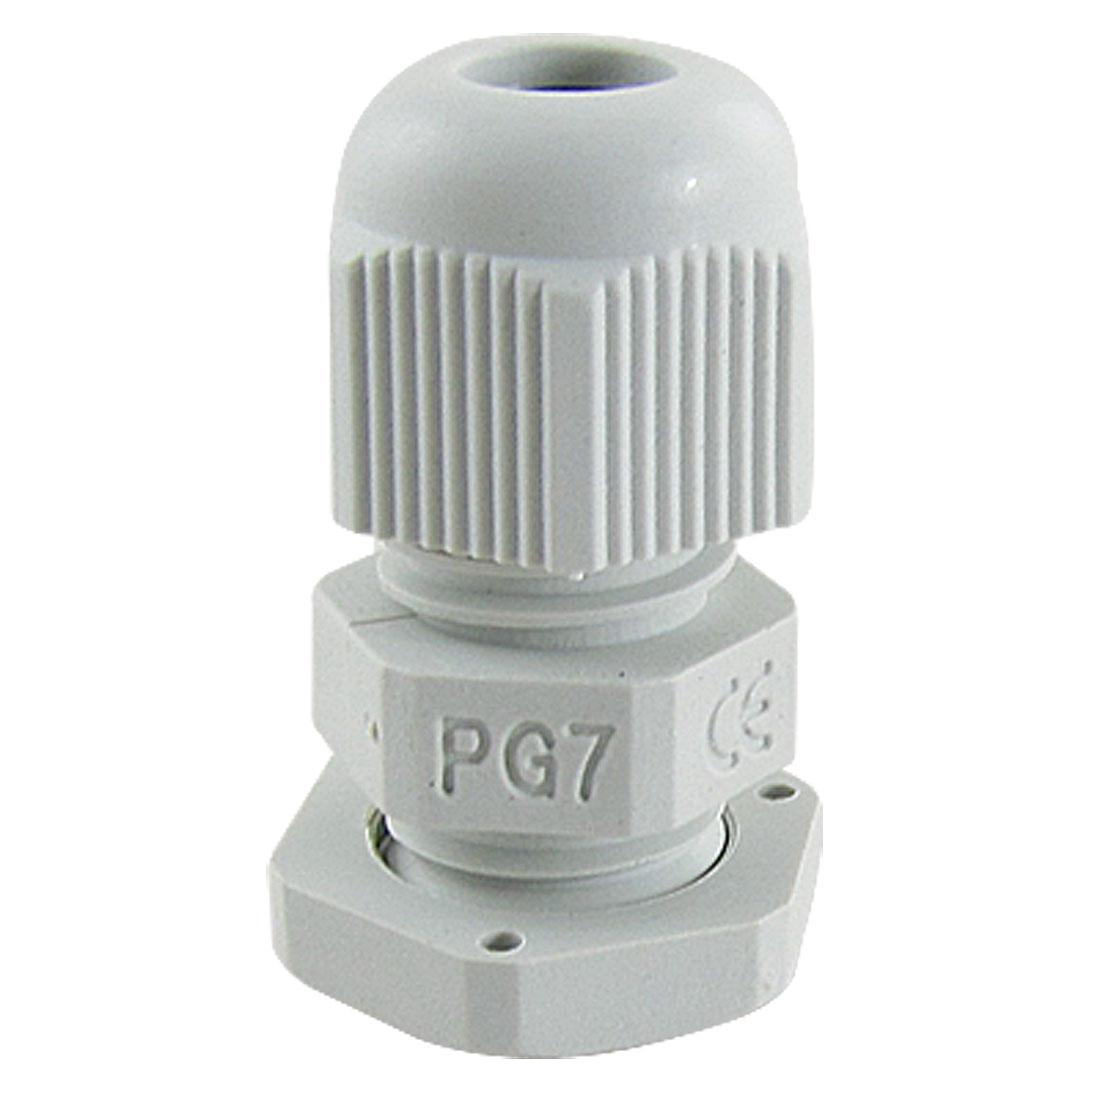 3-6.5mm Cables PG7 Waterproof Wht Plastic Glands 10 Pcs